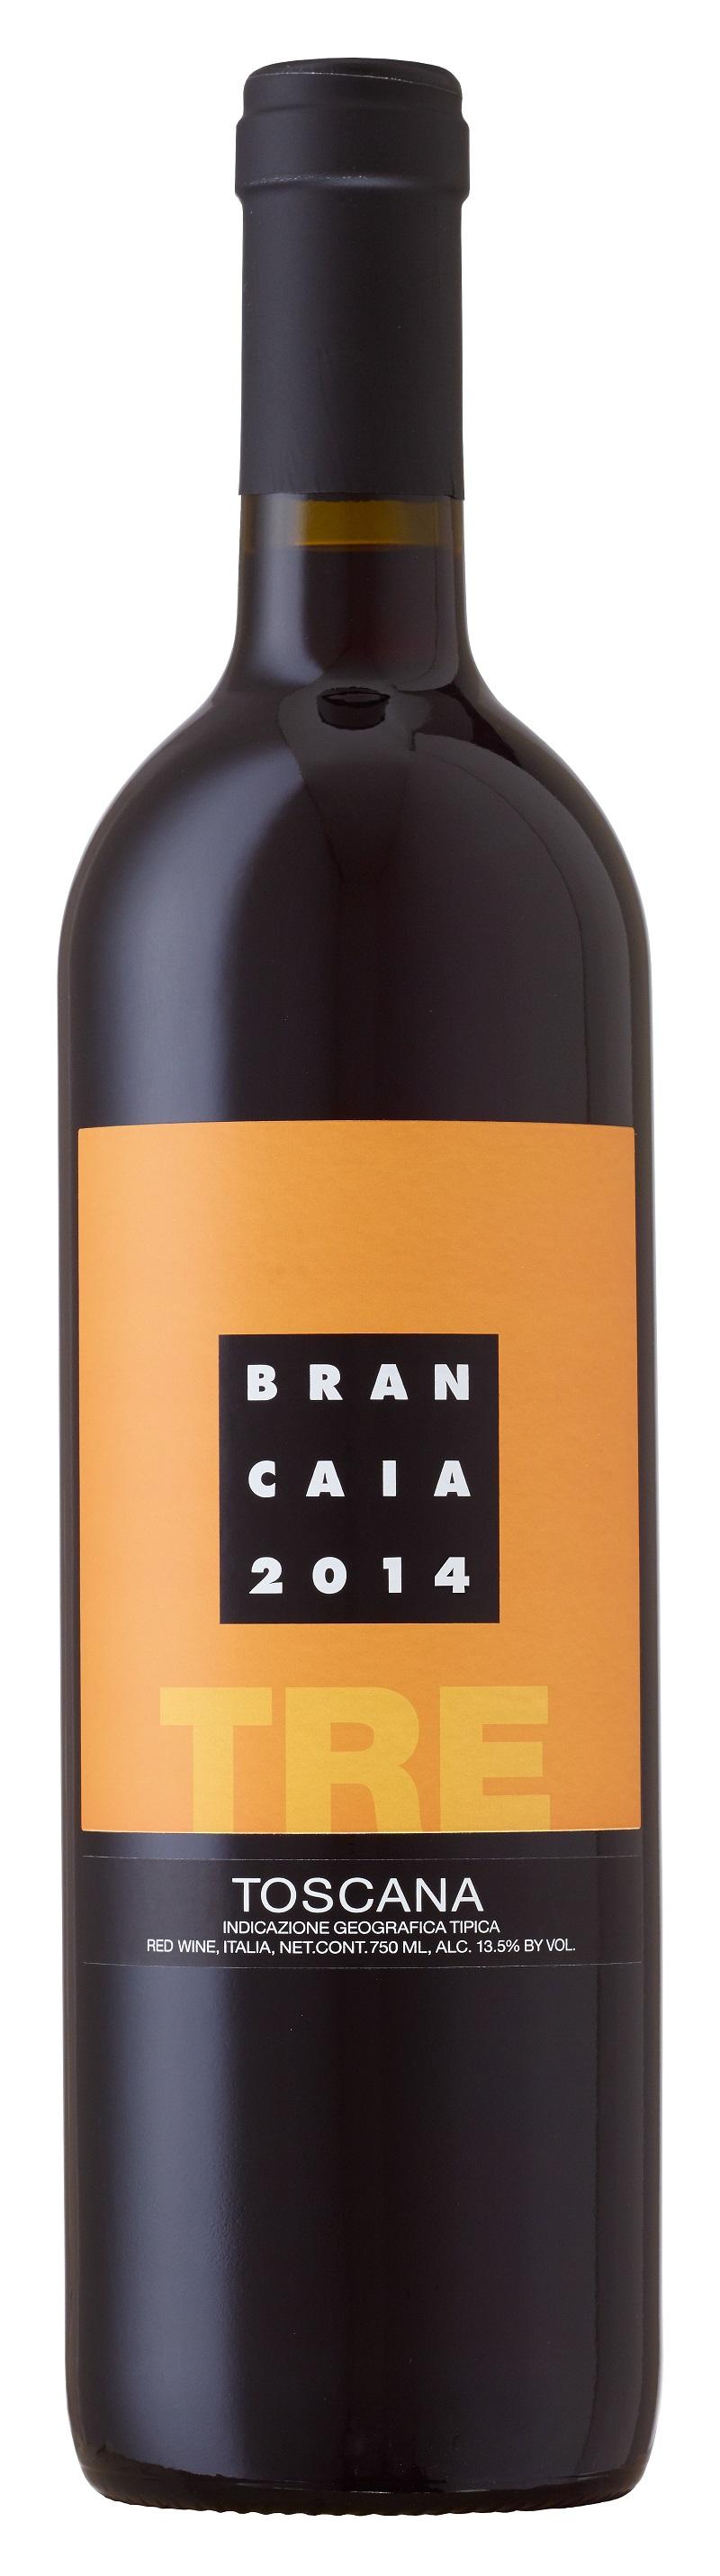 2014 Brancaia Tre Rosso Toscana IGT